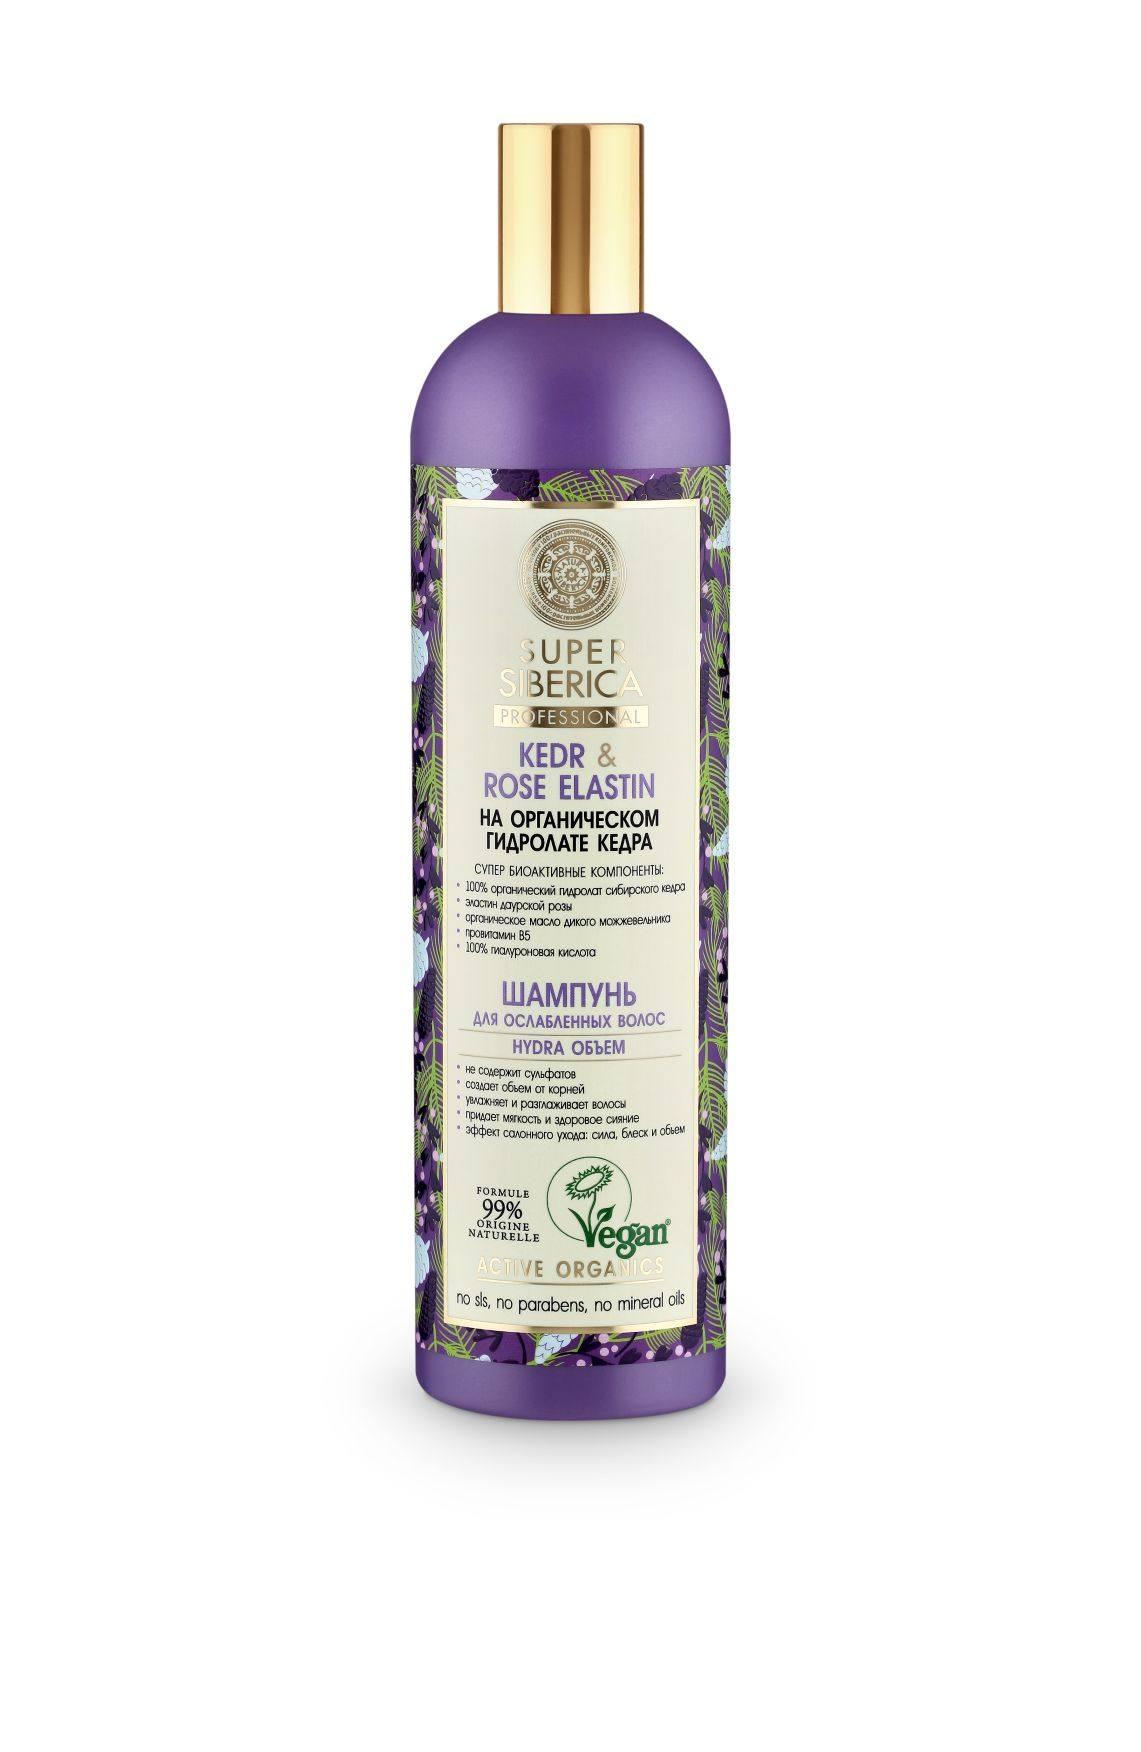 Купить NS Super Siberica KEDR & ROSE ELASTIN Шампунь для ослабленных волос Hydra объём , 550 мл, Natura Siberica (shop: Organic-shops Organic shops)